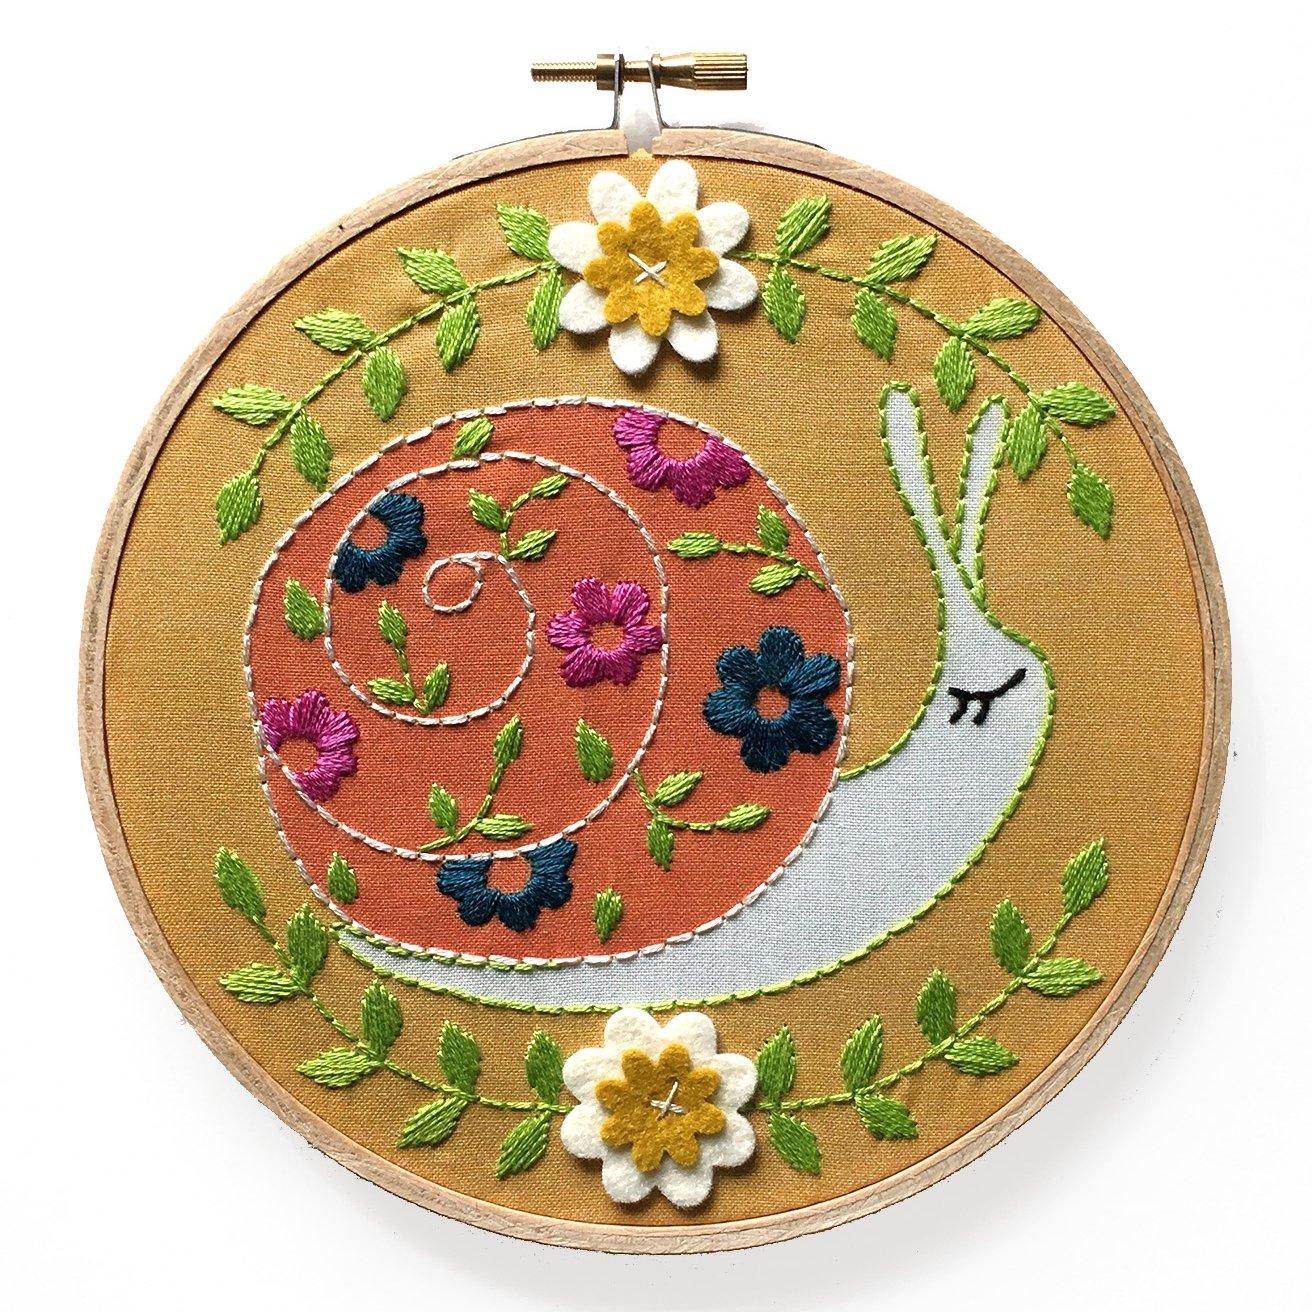 Snail - RikRack Embroidery Kit